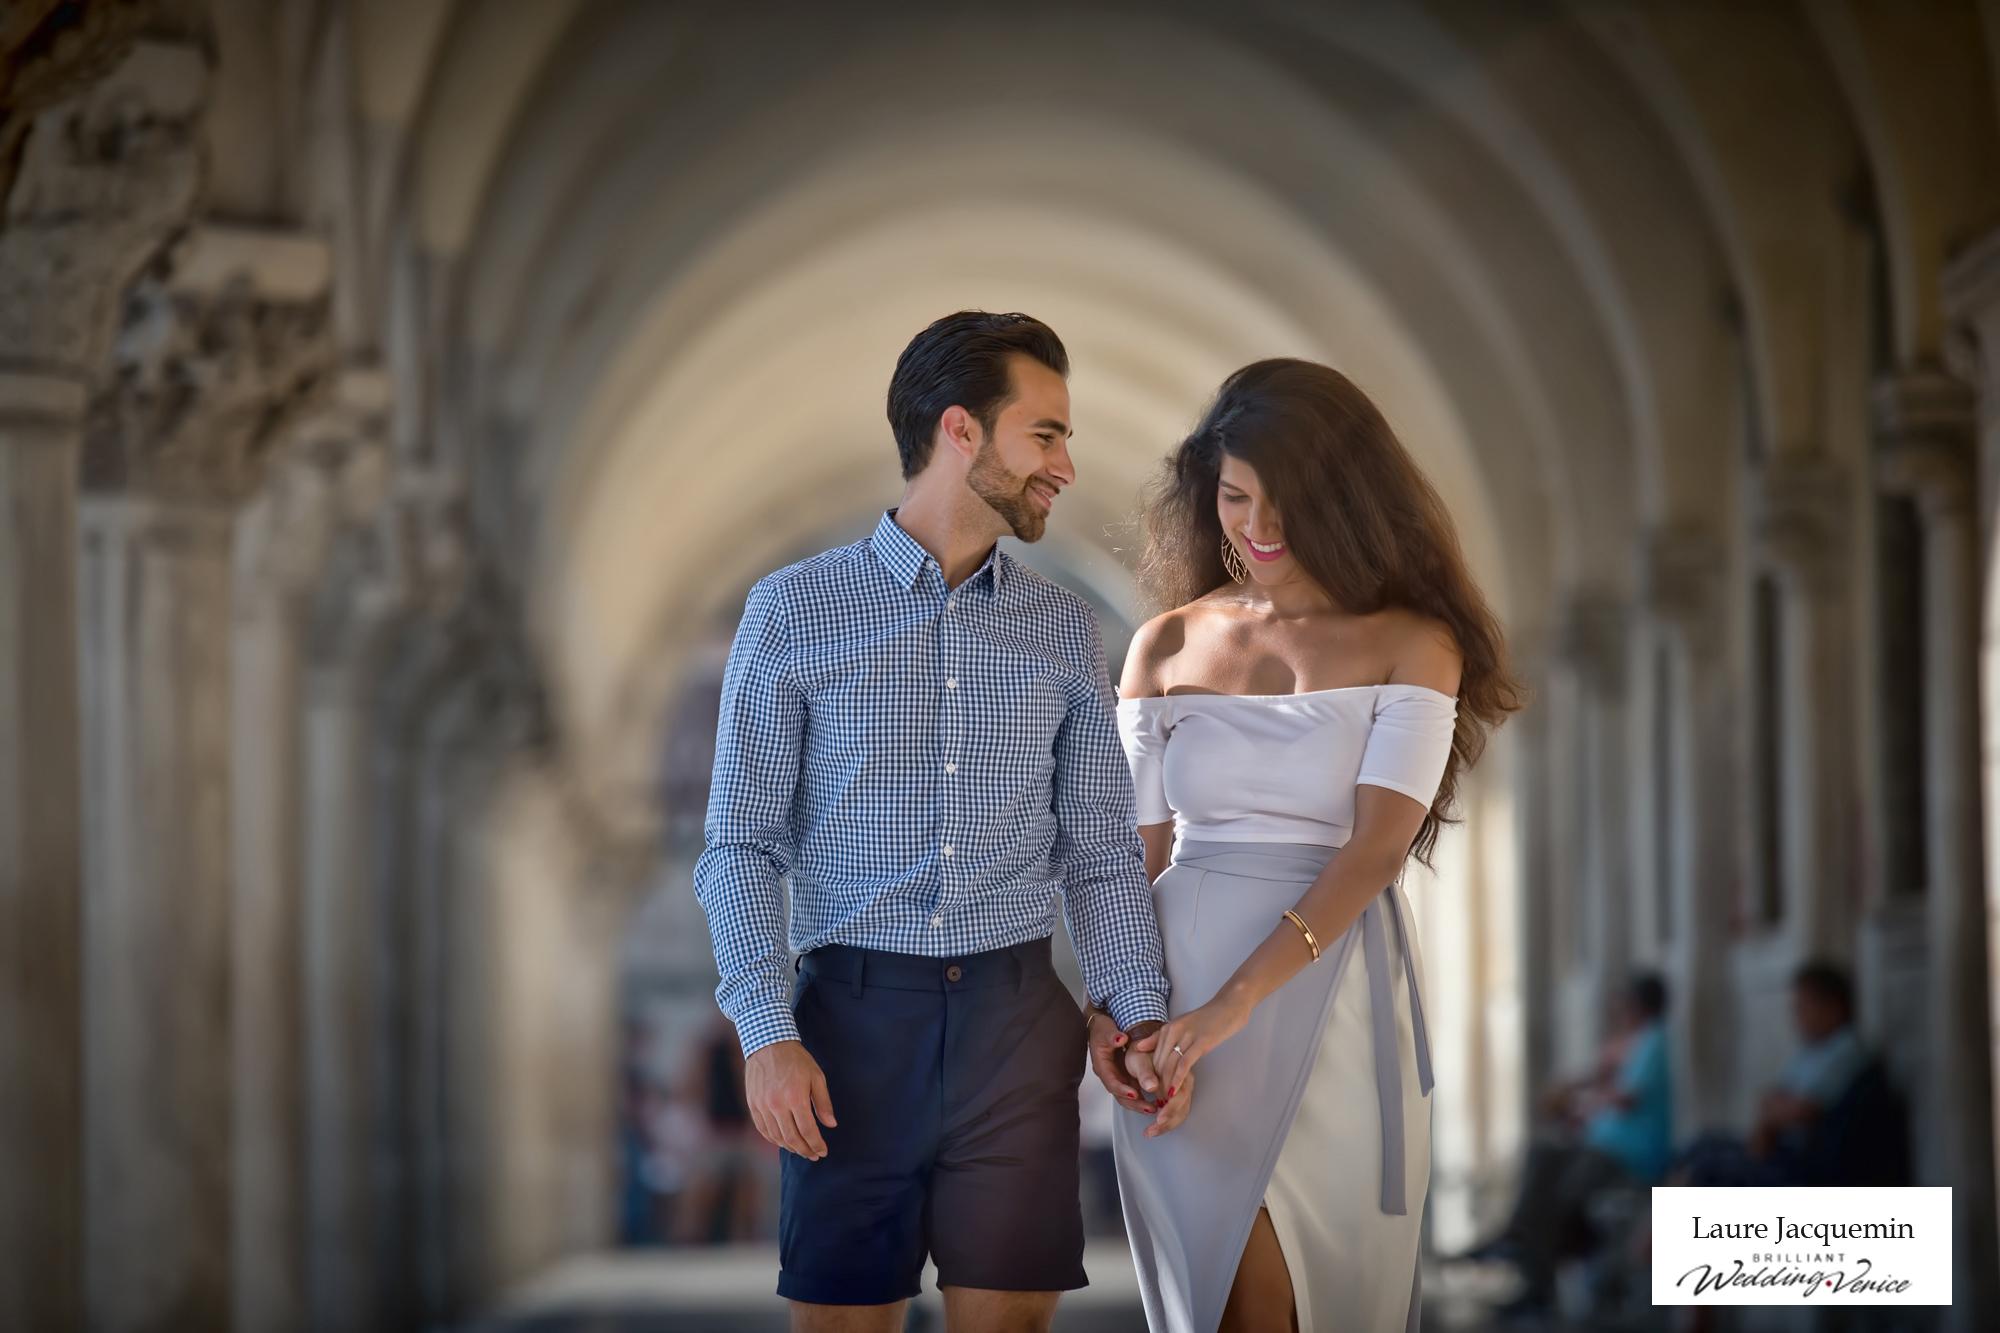 venise gondole banner fiancaille photographe demande mariage laure jacquemin (29)